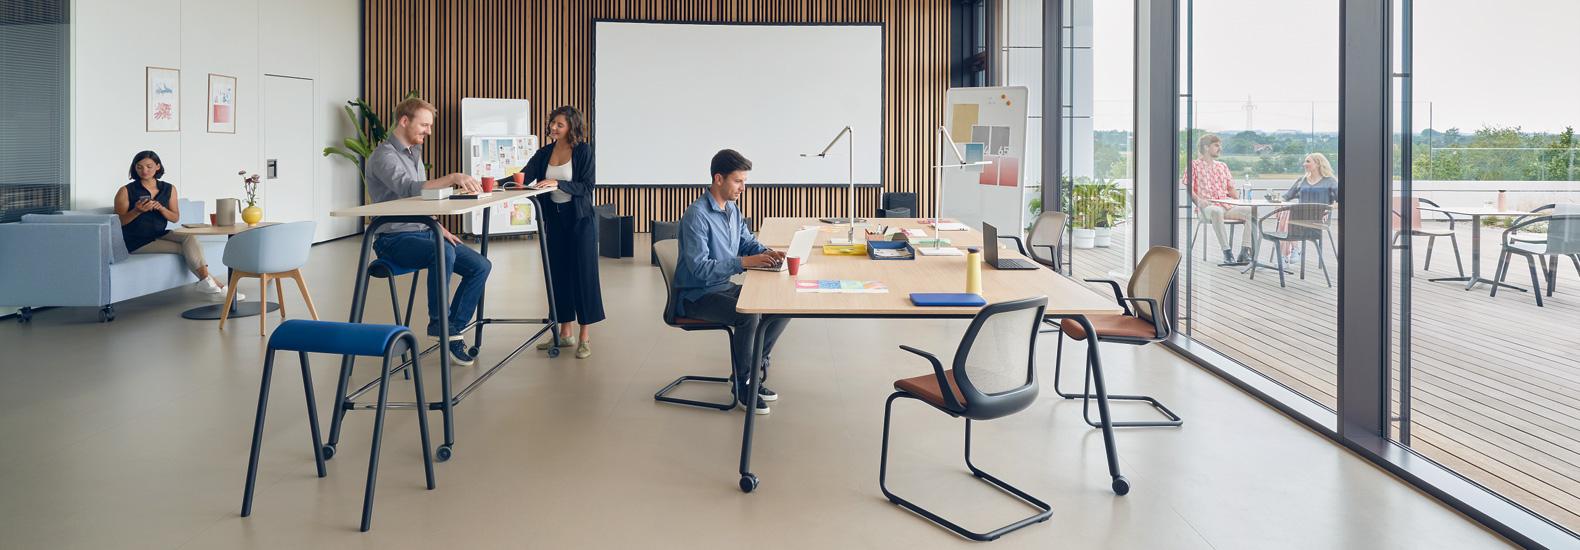 Konfigurieren Sie se:lab und se:lab high desk von Sedus Systems für produktives und kreatives Arbeiten in agilen Teams bei office & objekt 42.